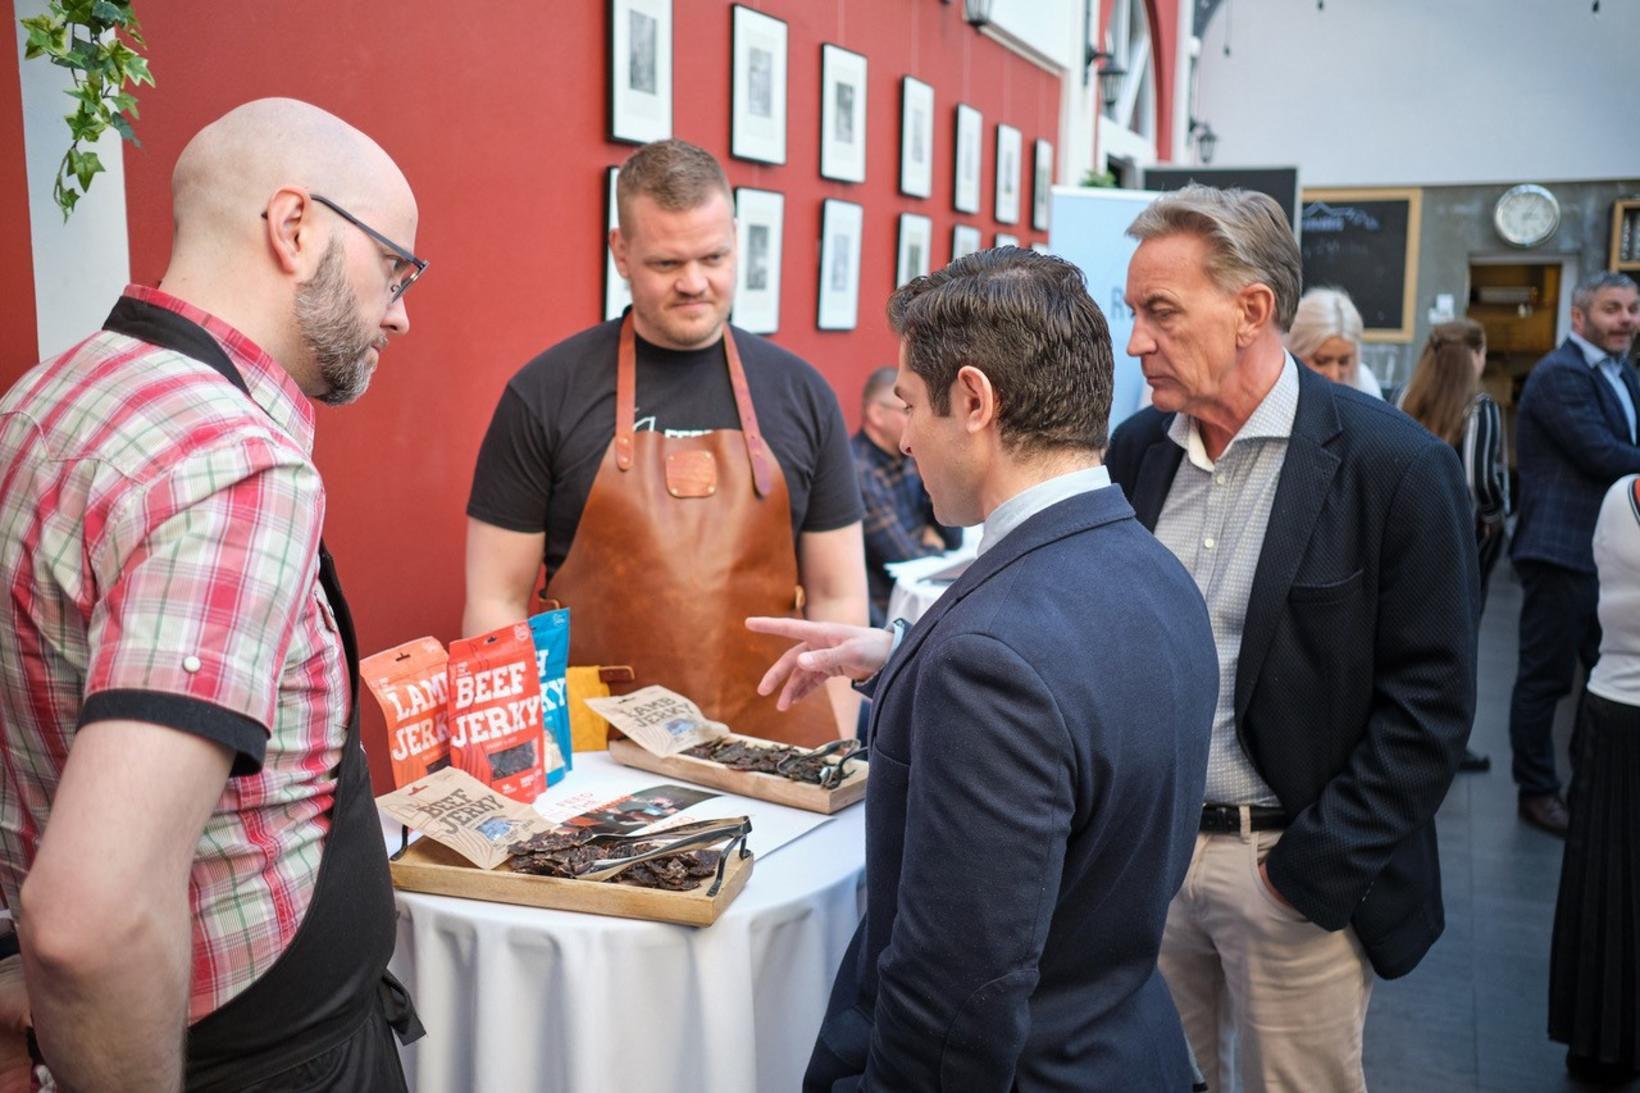 Frá kynningu fyrirtækisins Feed the Viking á uppskerudeginum árið 2019.